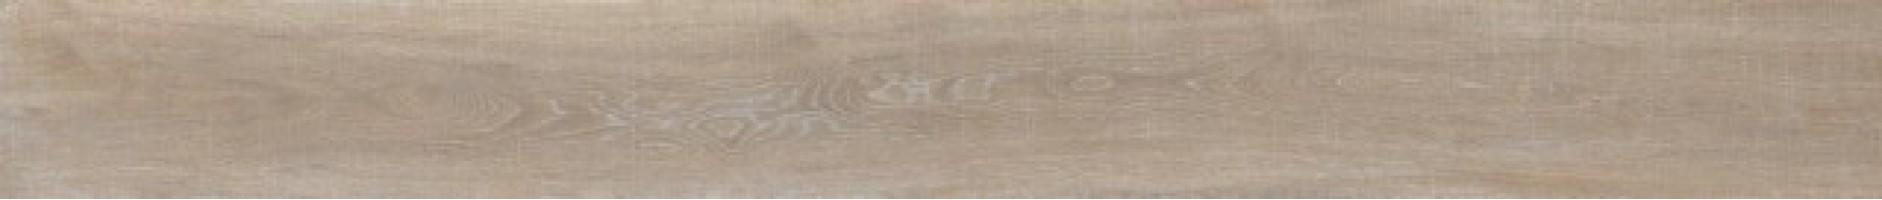 Керамогранит Porcelanosa Devon Riviera 19.3x180 P16700761